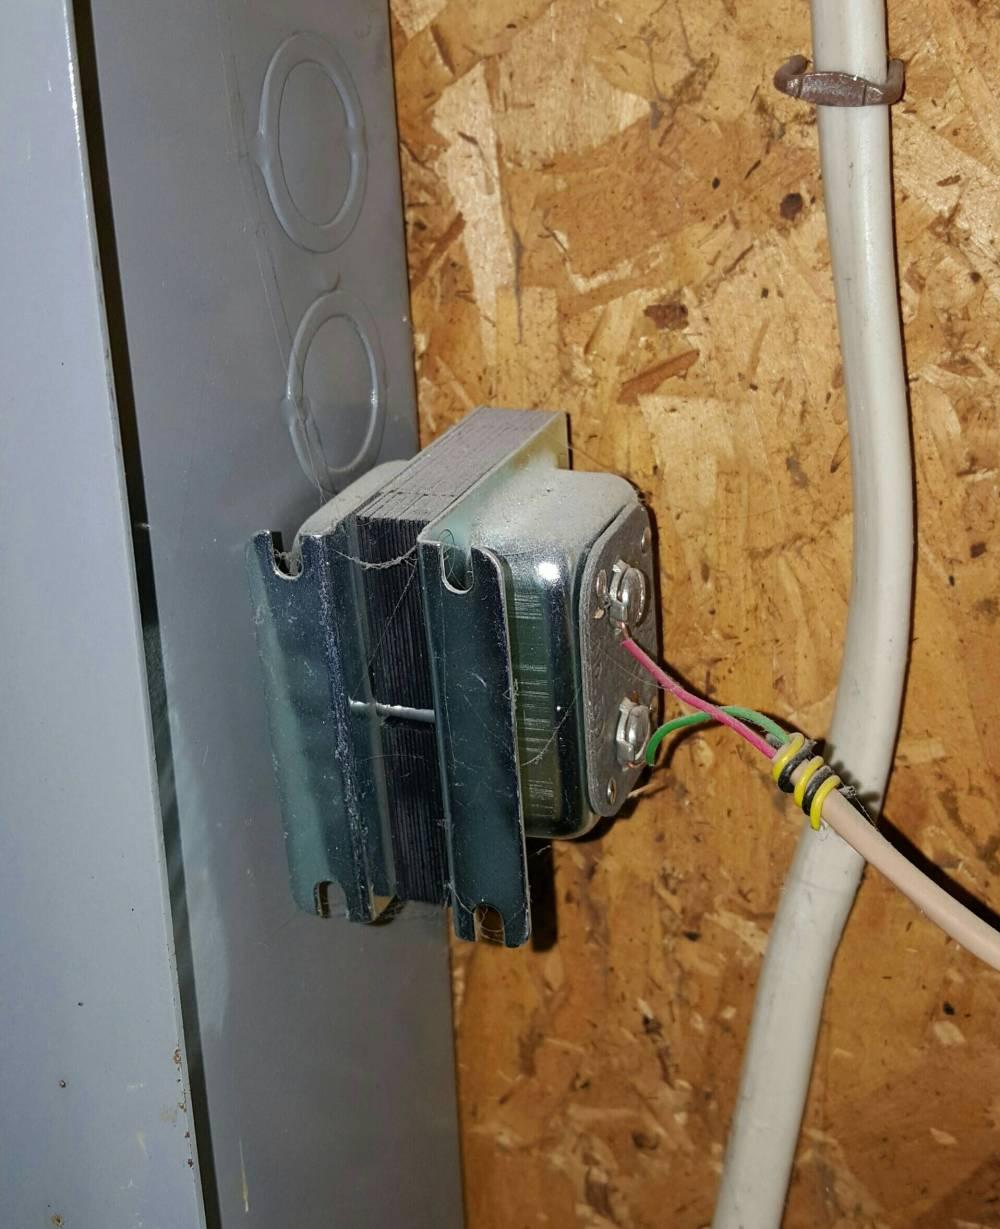 medium resolution of fuse box doorbell wiring diagrams bib can a doorbell transformer sit loose inside main panel